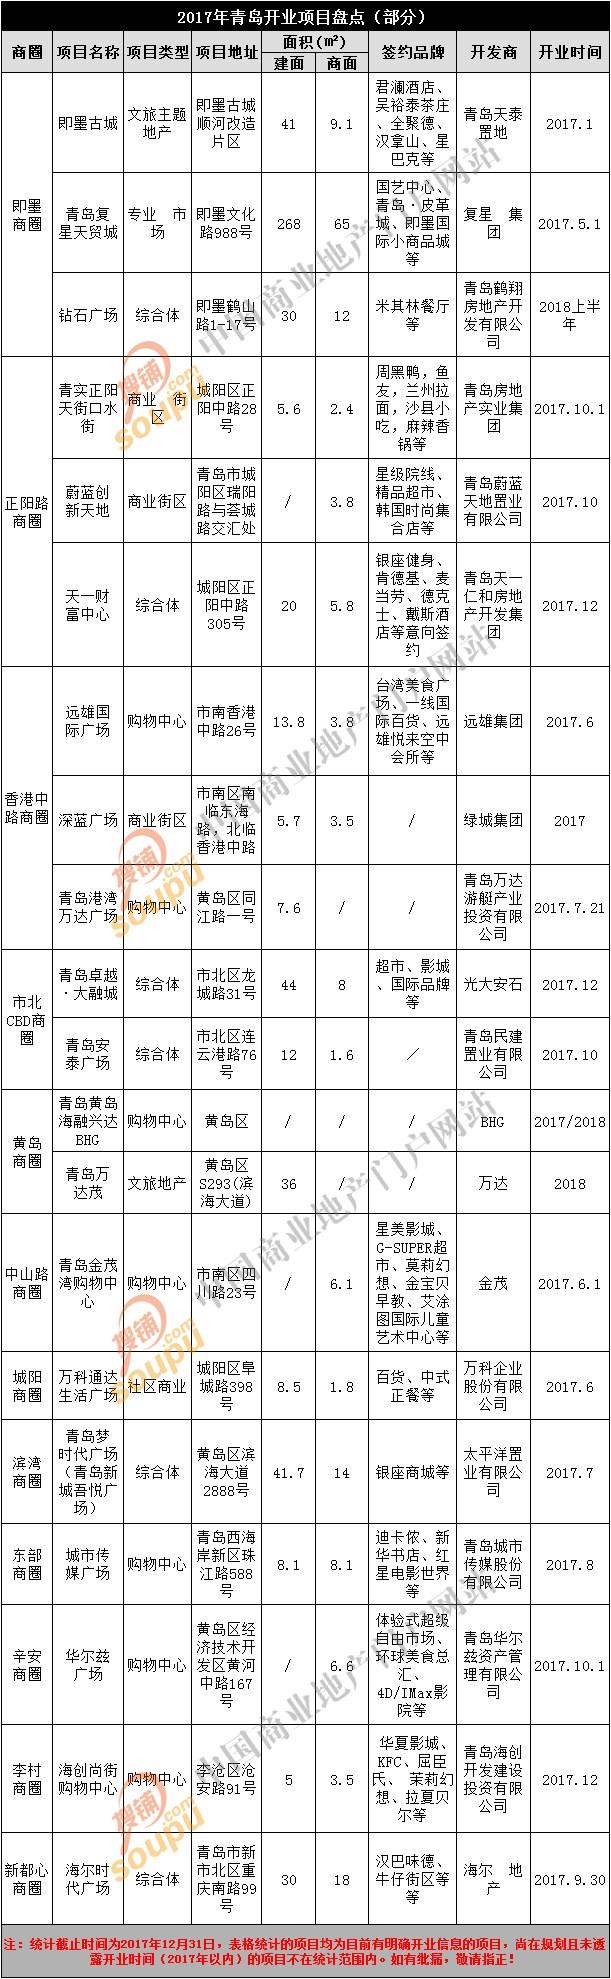 青岛2017年预计开业20个商业体多品牌首入岛城